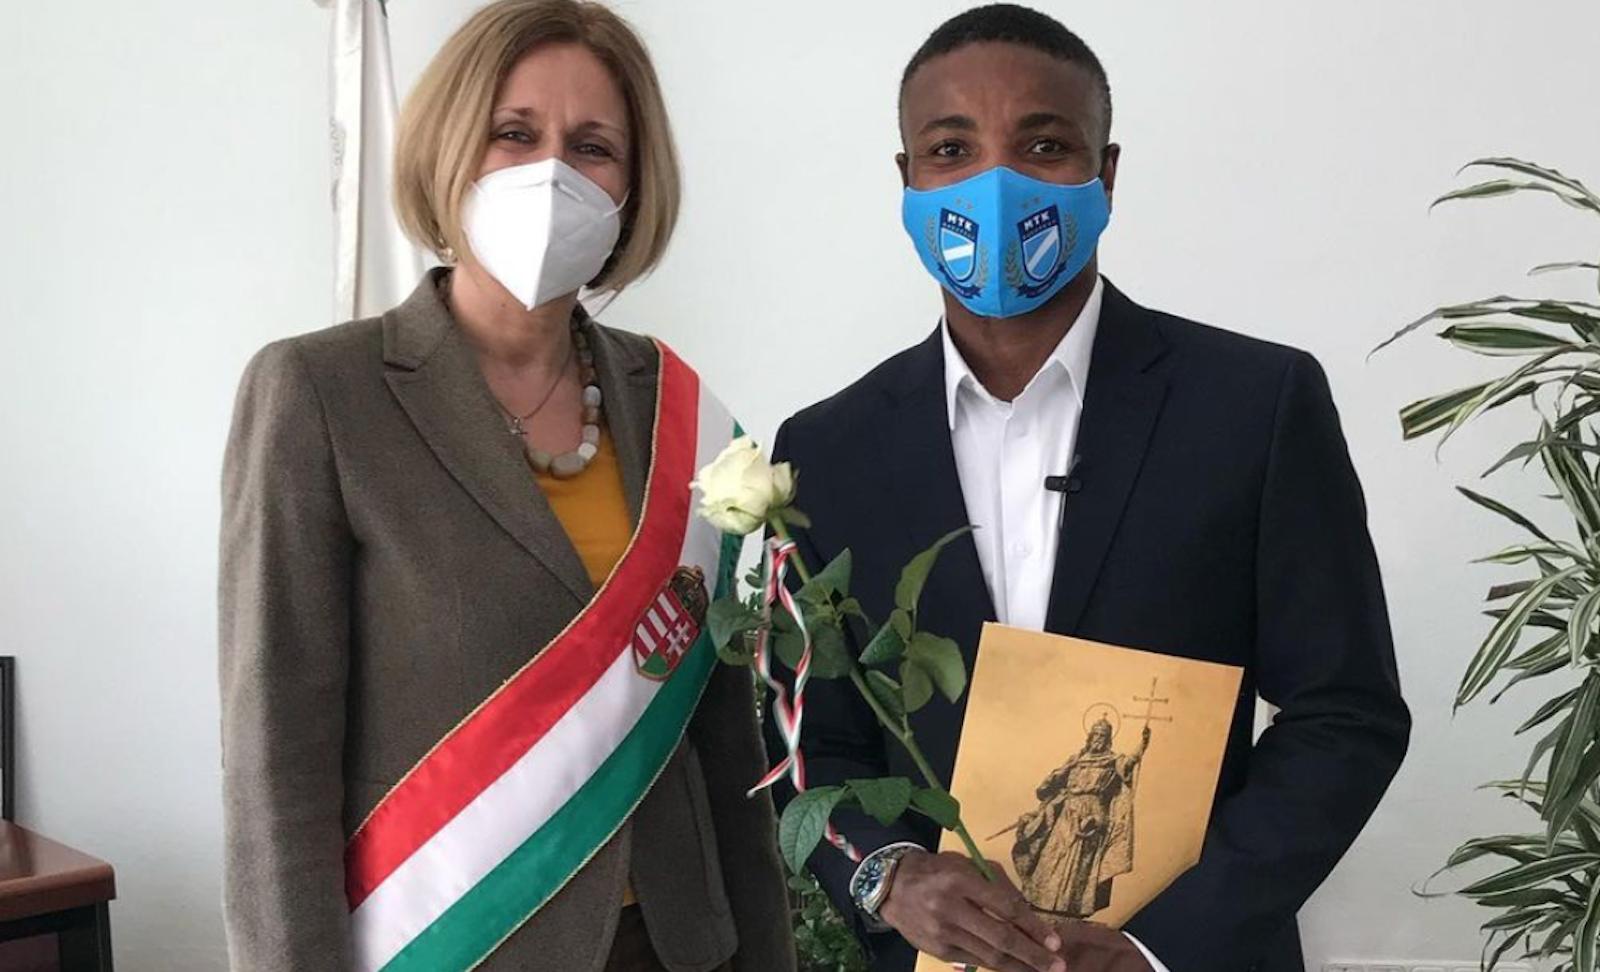 Ikenne-King magyar állampolgár lett - büszkén énekelte el a Himnuszt